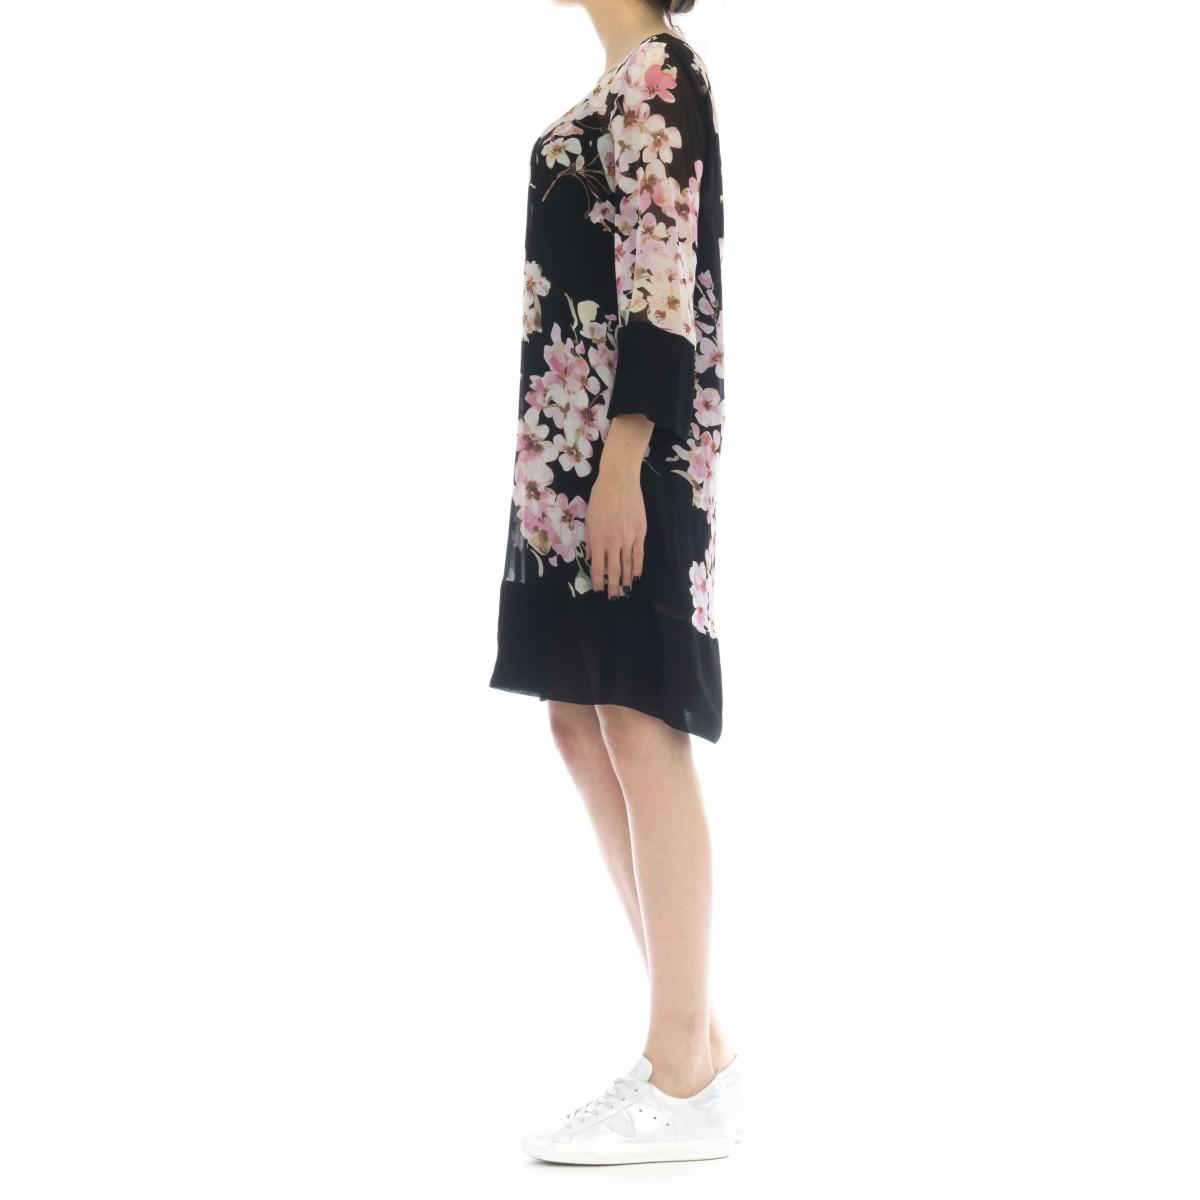 Vestito corto donna - 271b abito tunica